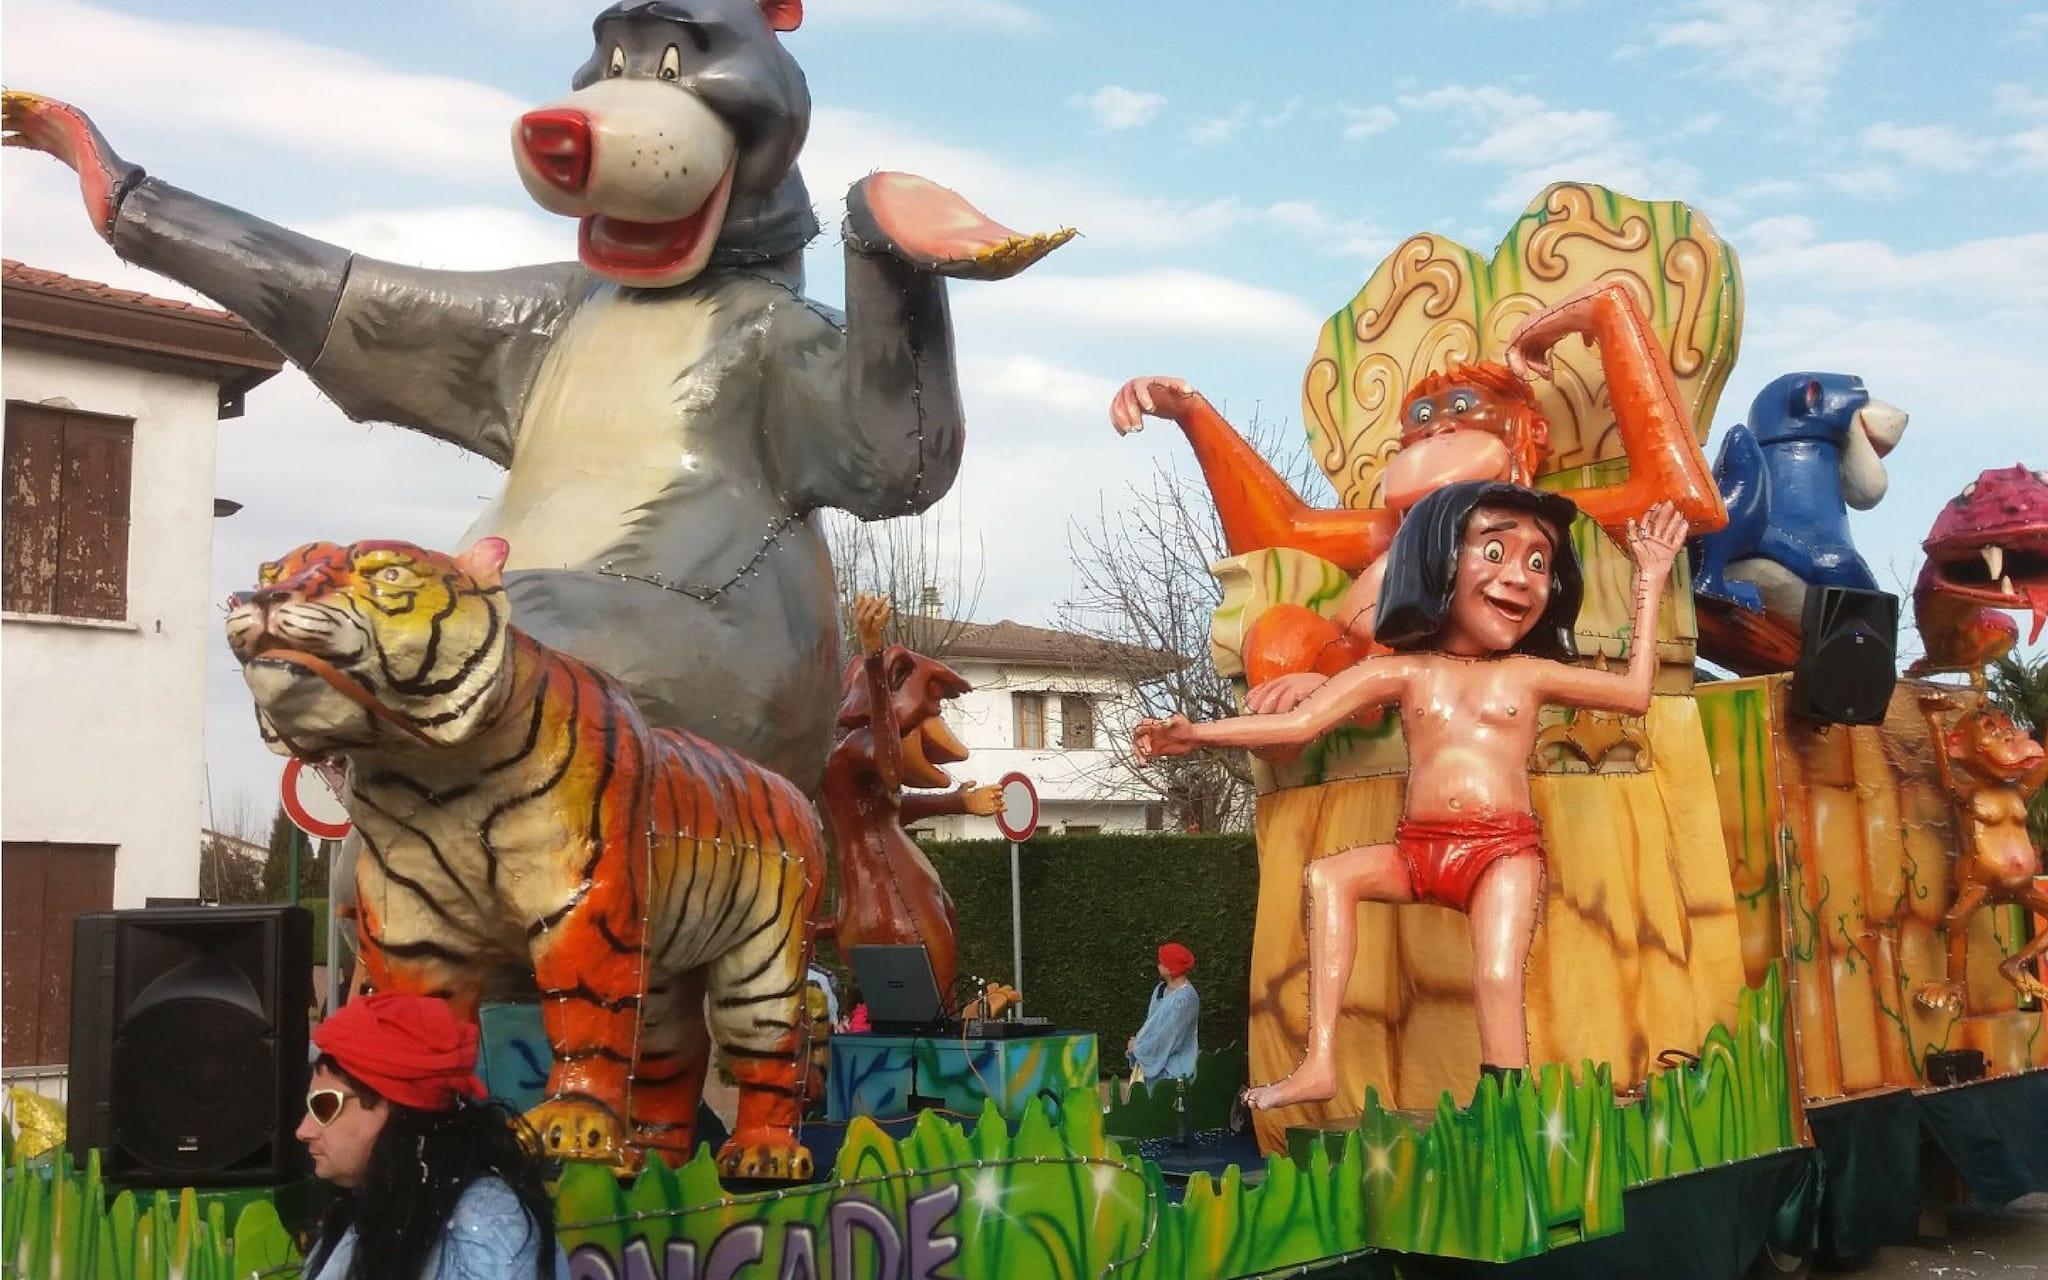 Carnevale Campolongo Maggiore 2019 - Carnevale di Venezia 2020 - sito  ufficiale f9dabe307be